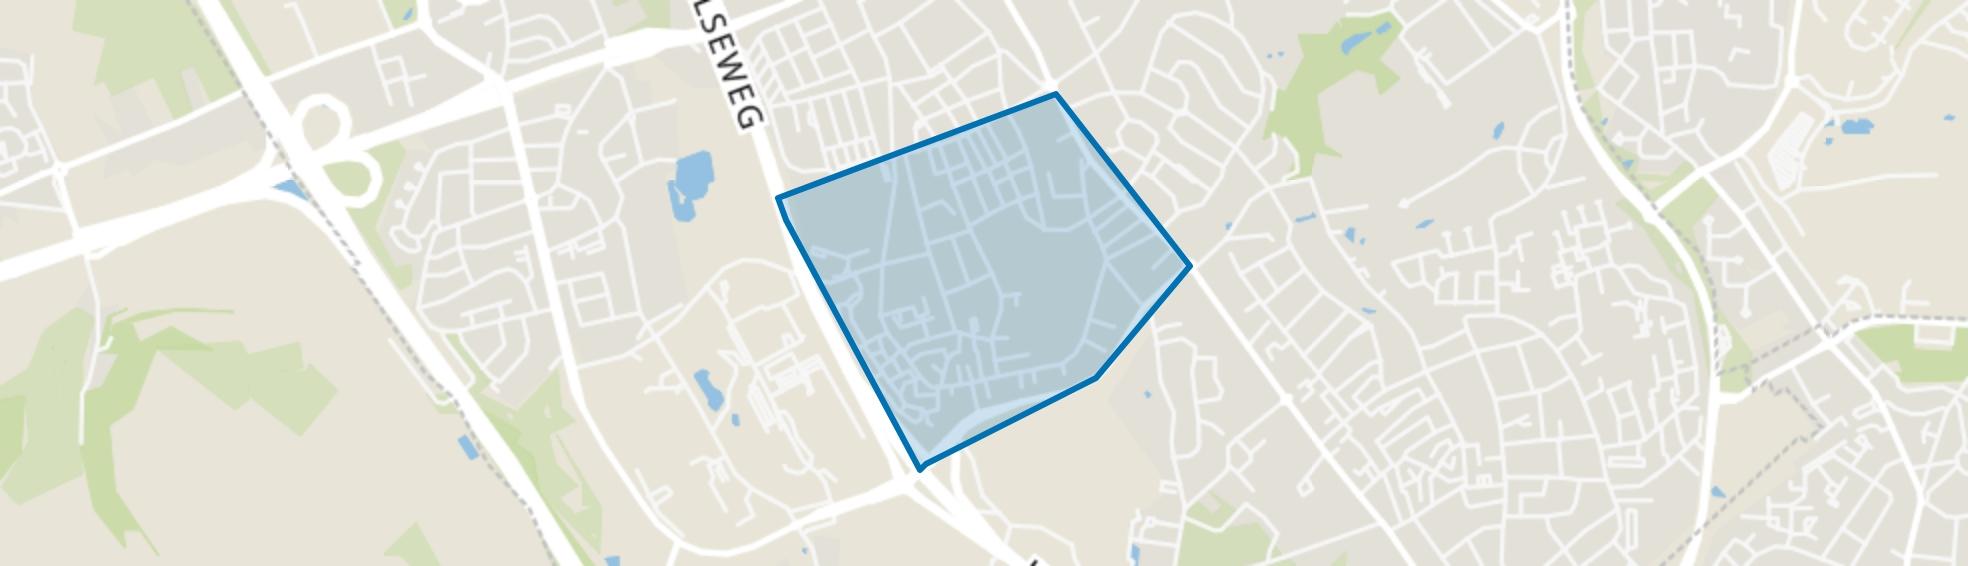 Douve Weien, Heerlen map